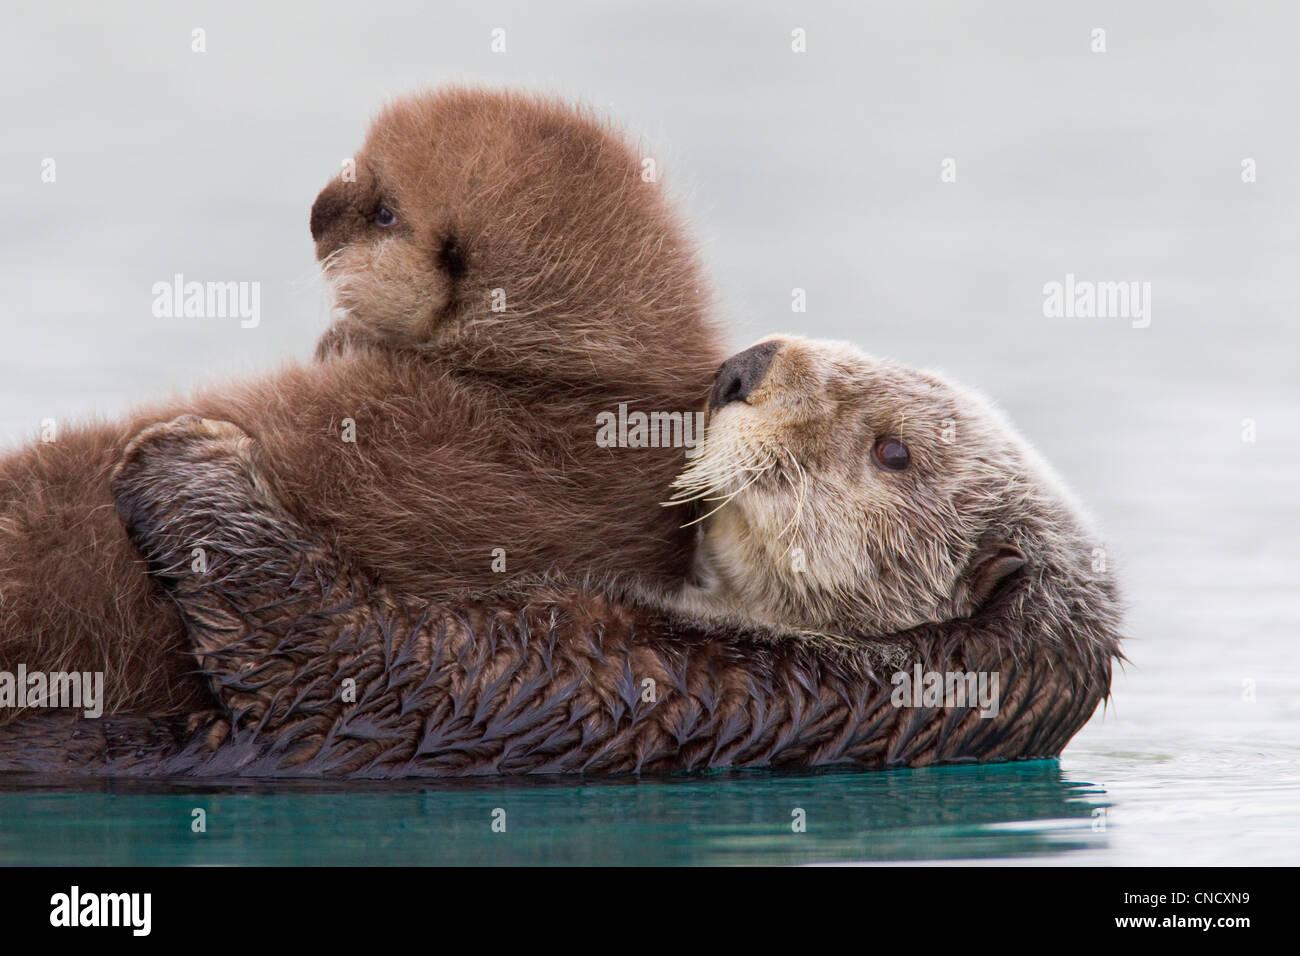 Hembra de nutria de mar celebración pup recién nacido fuera del agua, Prince William Sound, Alaska, Southcentral Imagen De Stock